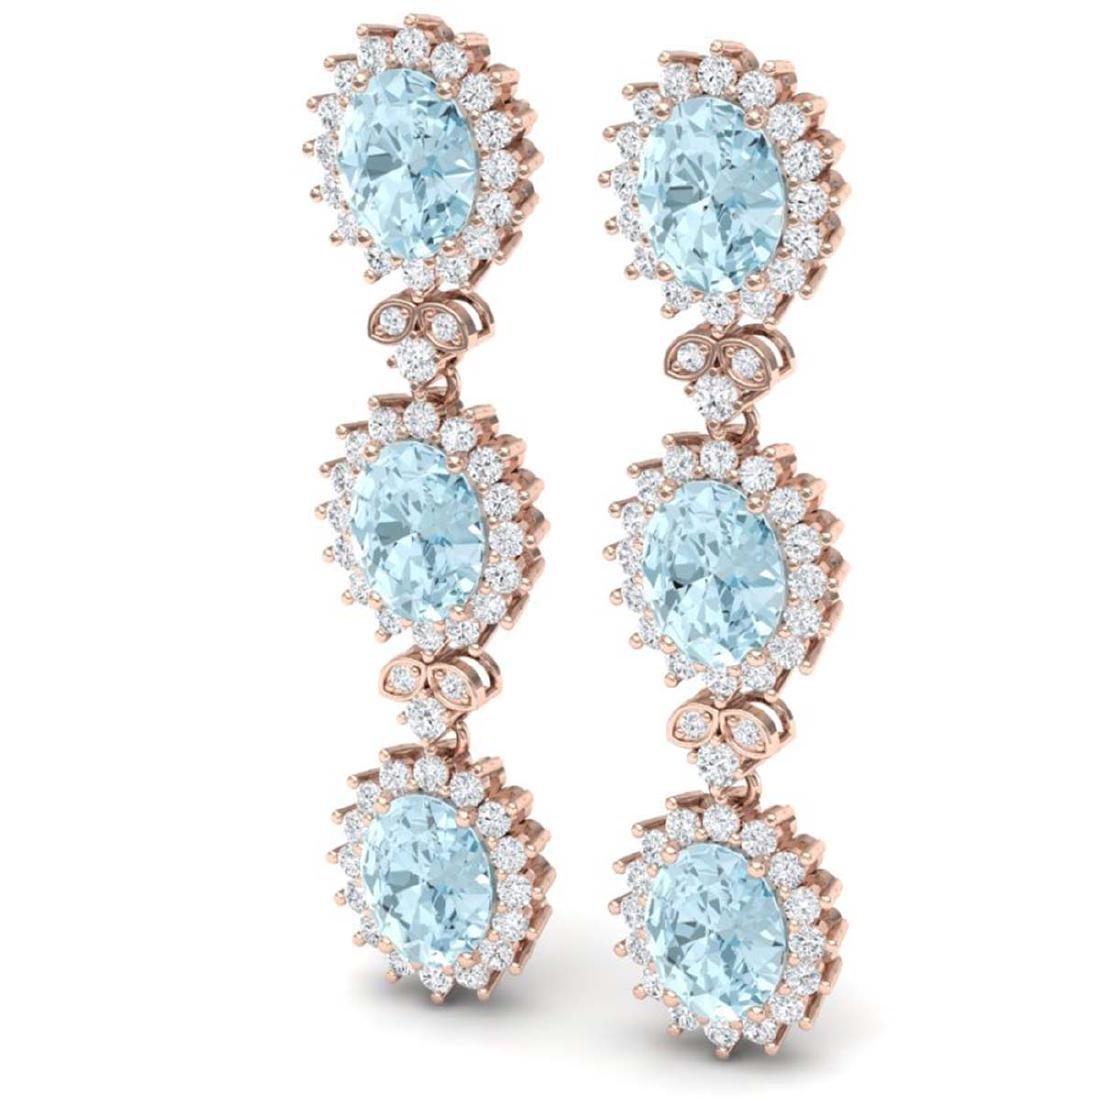 25.06 CTW Royalty Sky Topaz & VS Diamond Earrings 18K - 2